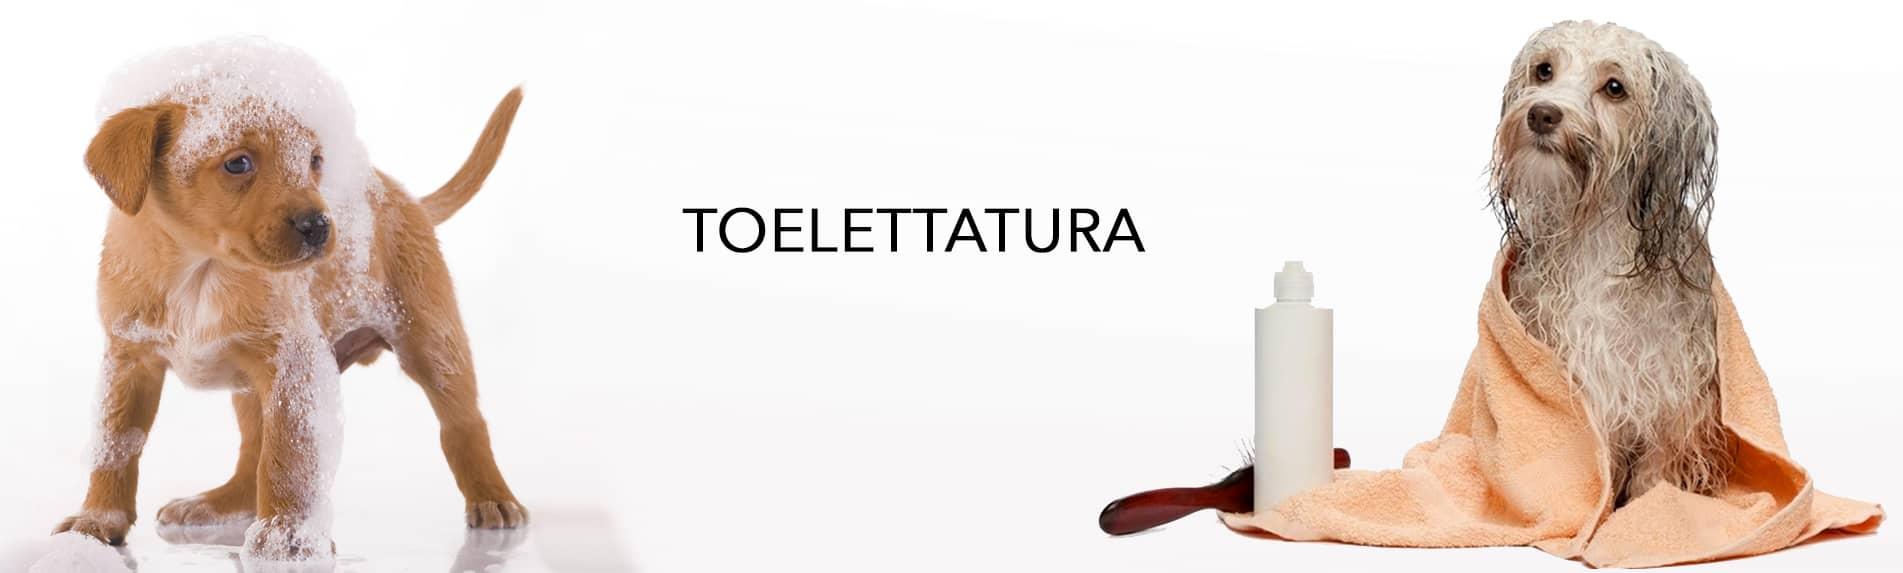 IN QUESTA CATEGORIA TROVERAI PRODOTTI PER TOELETTATURA-PROFESSIONALE-DI-ANIMALI CANI CAVALLI PECORE